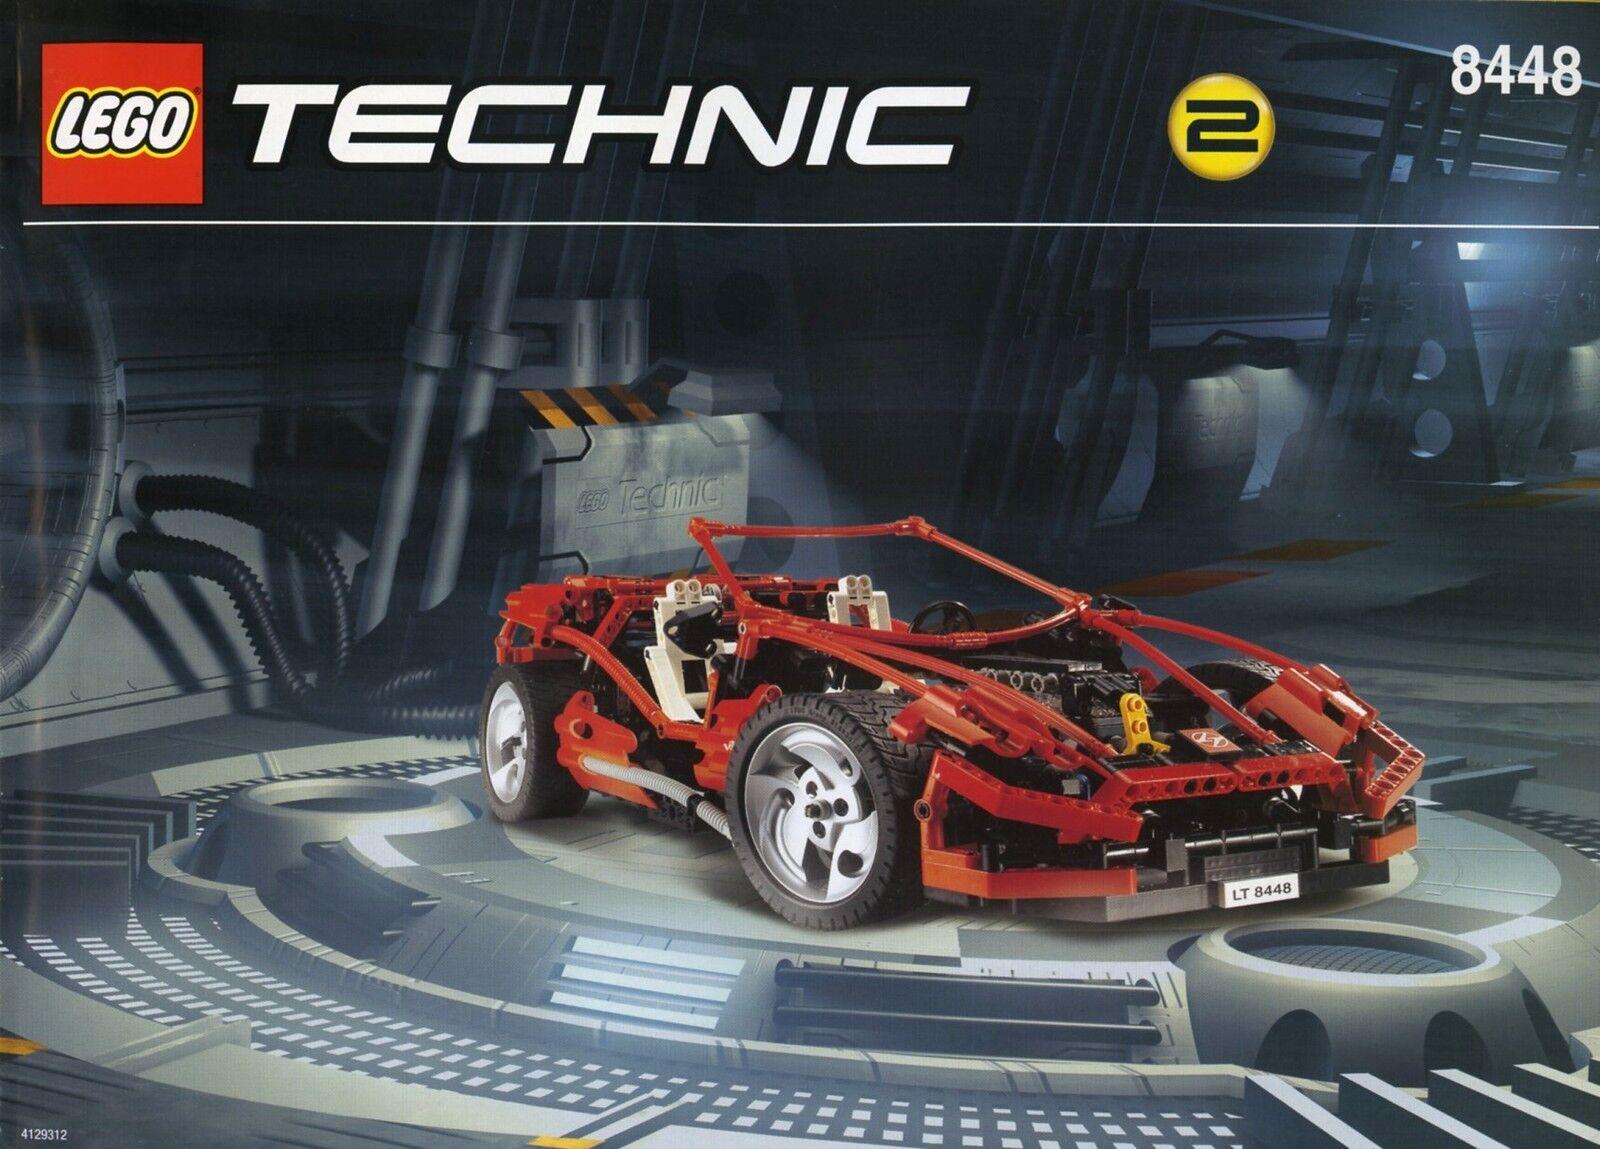 Lego Technic tráfico 8448 Super Street Sensation Model Nuevo Sellado Coche Insignia